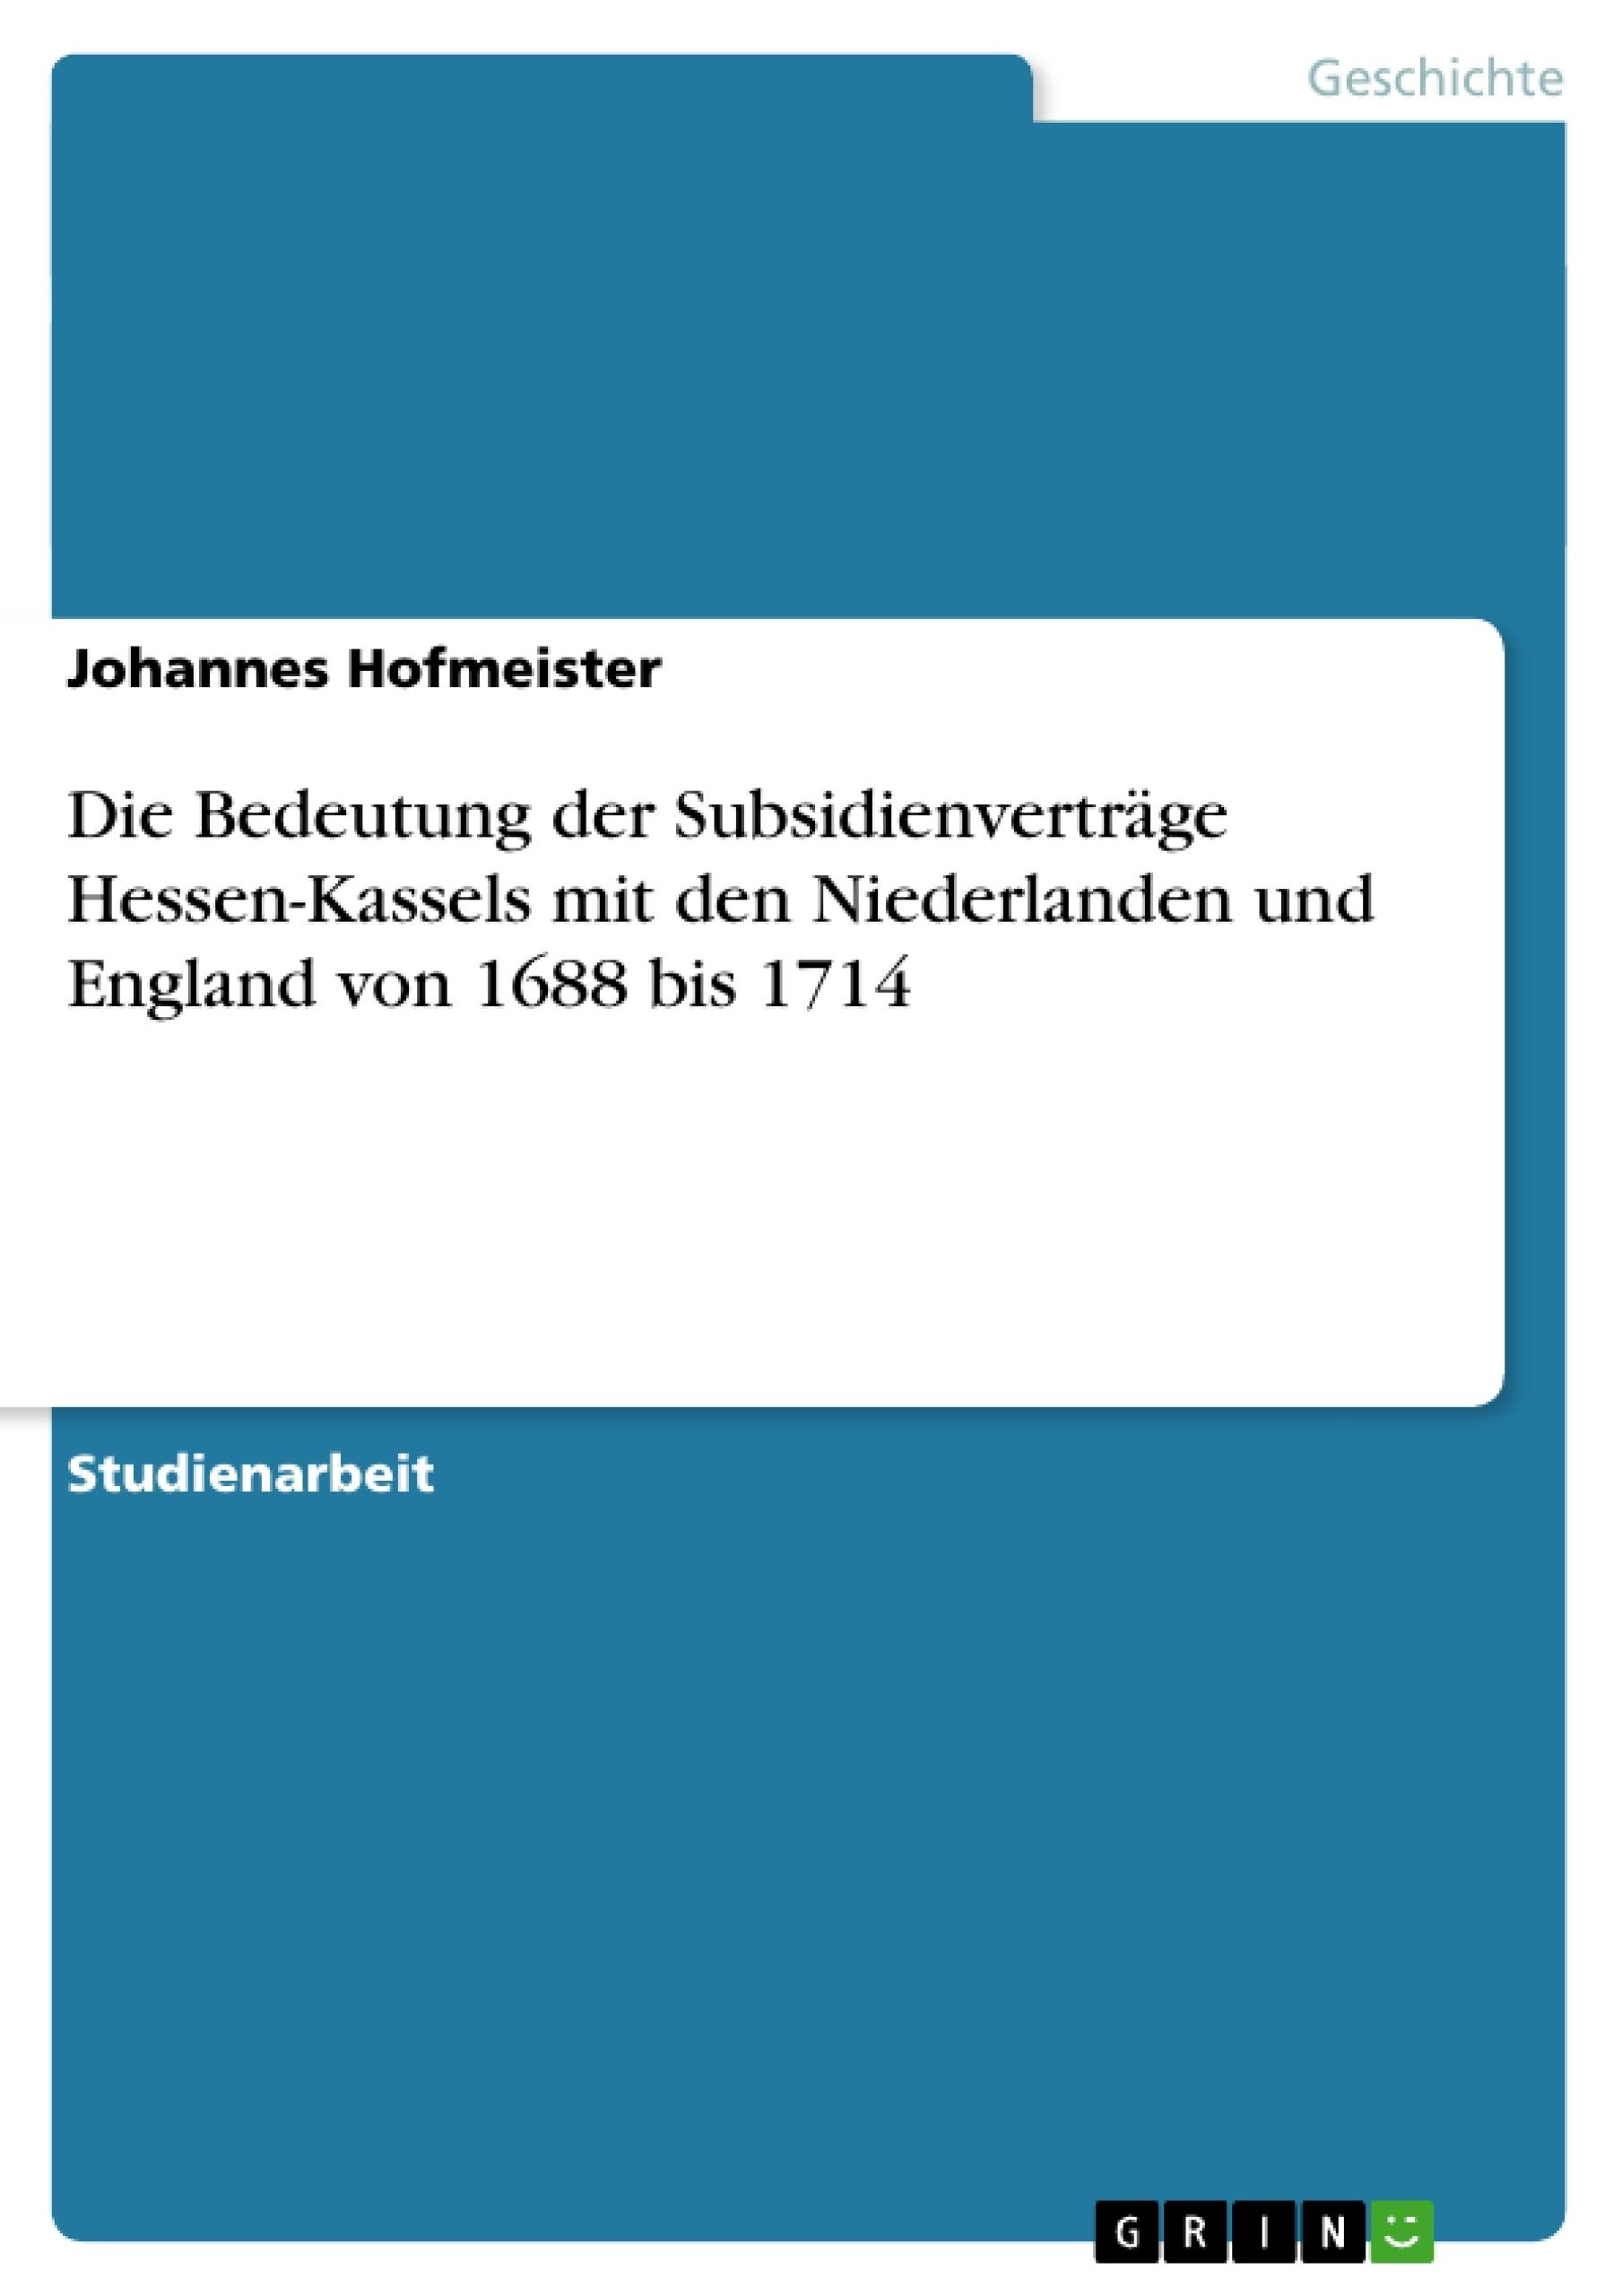 Titel: Die Bedeutung der Subsidienverträge Hessen-Kassels mit den Niederlanden und England von 1688 bis 1714